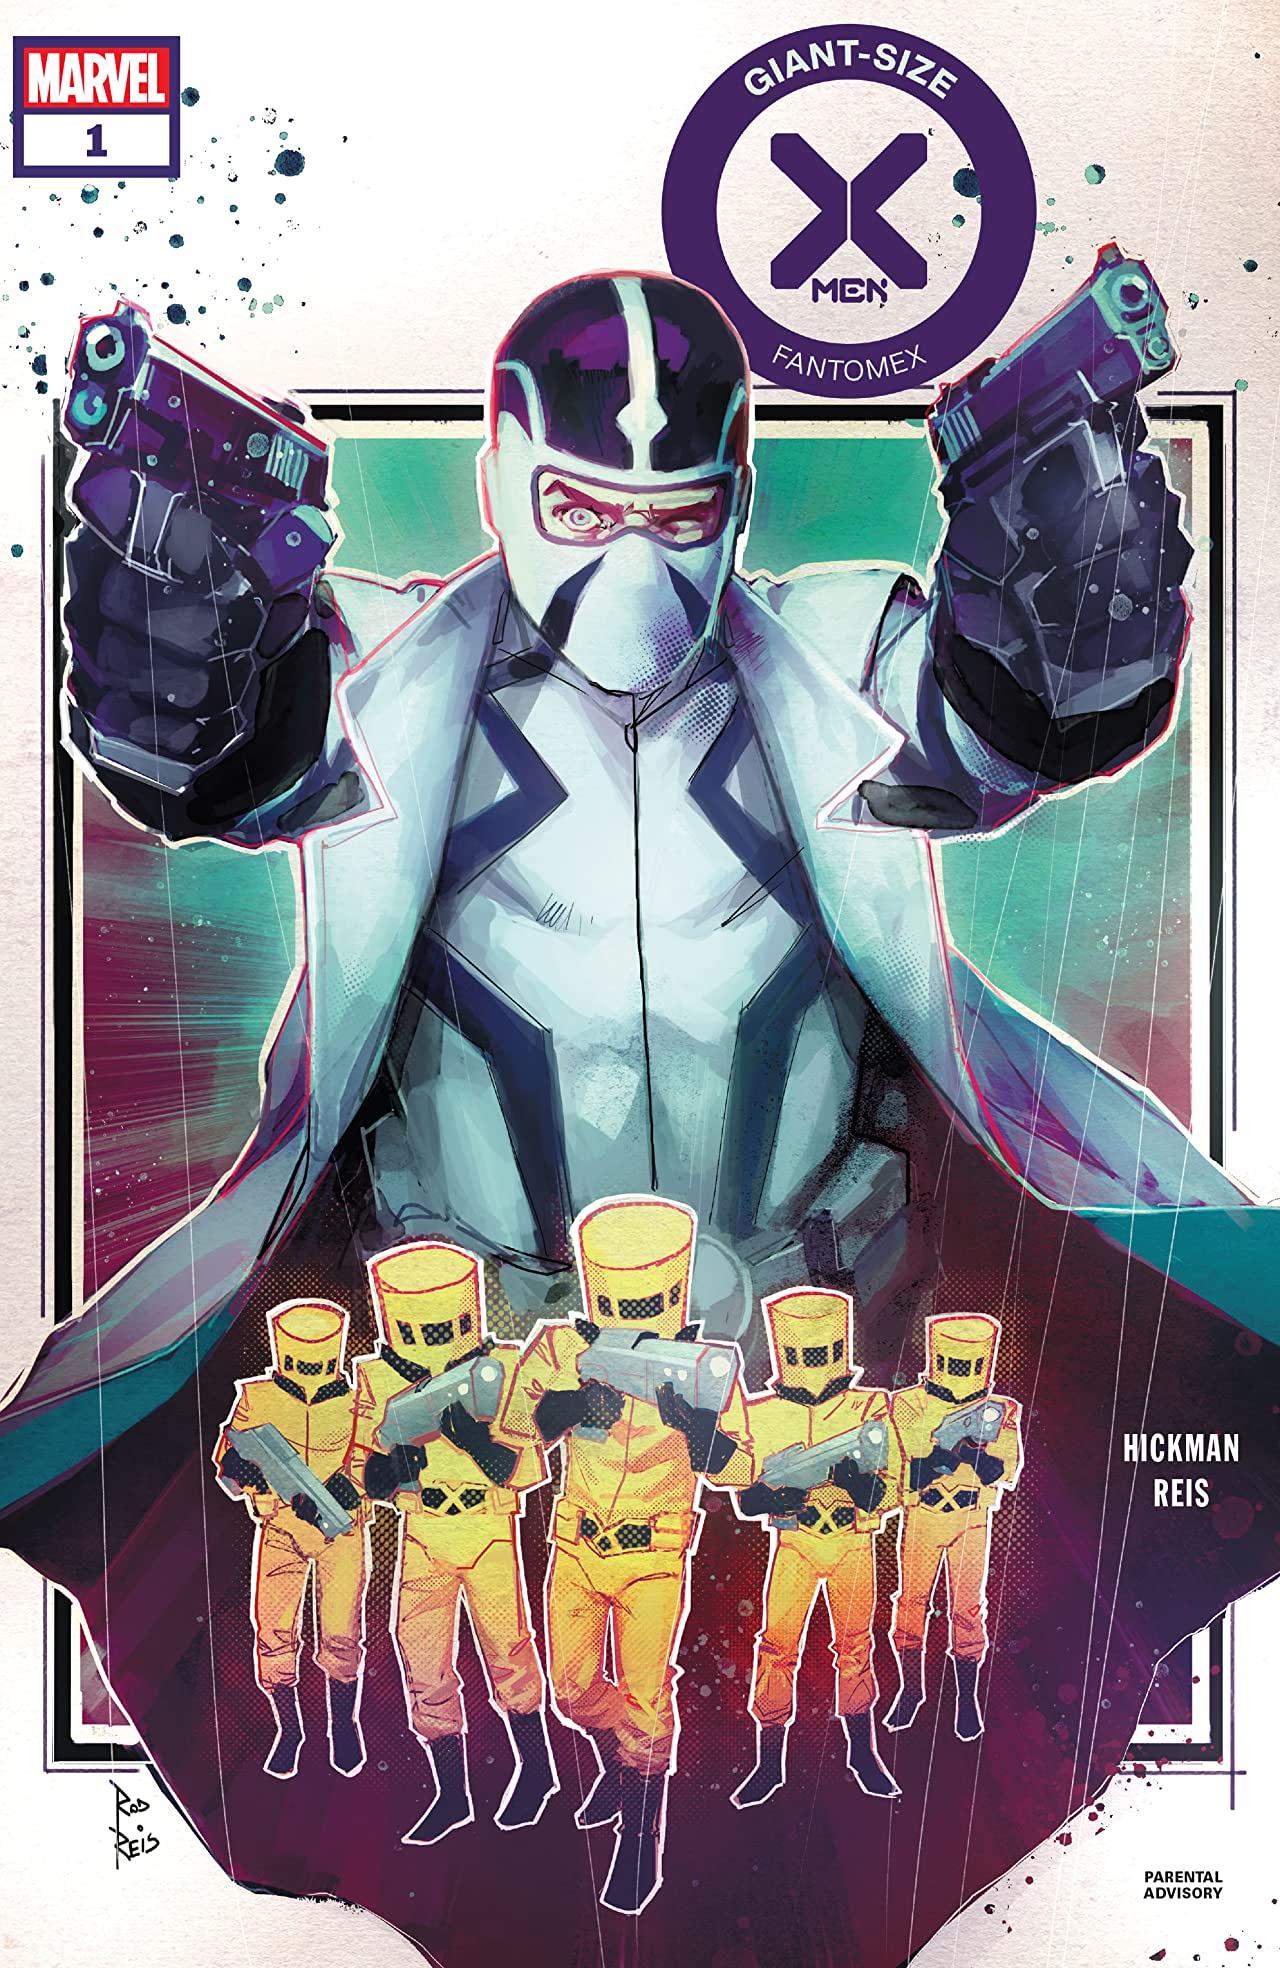 Giant-Size X-Men: Fantomex Vol 1 1